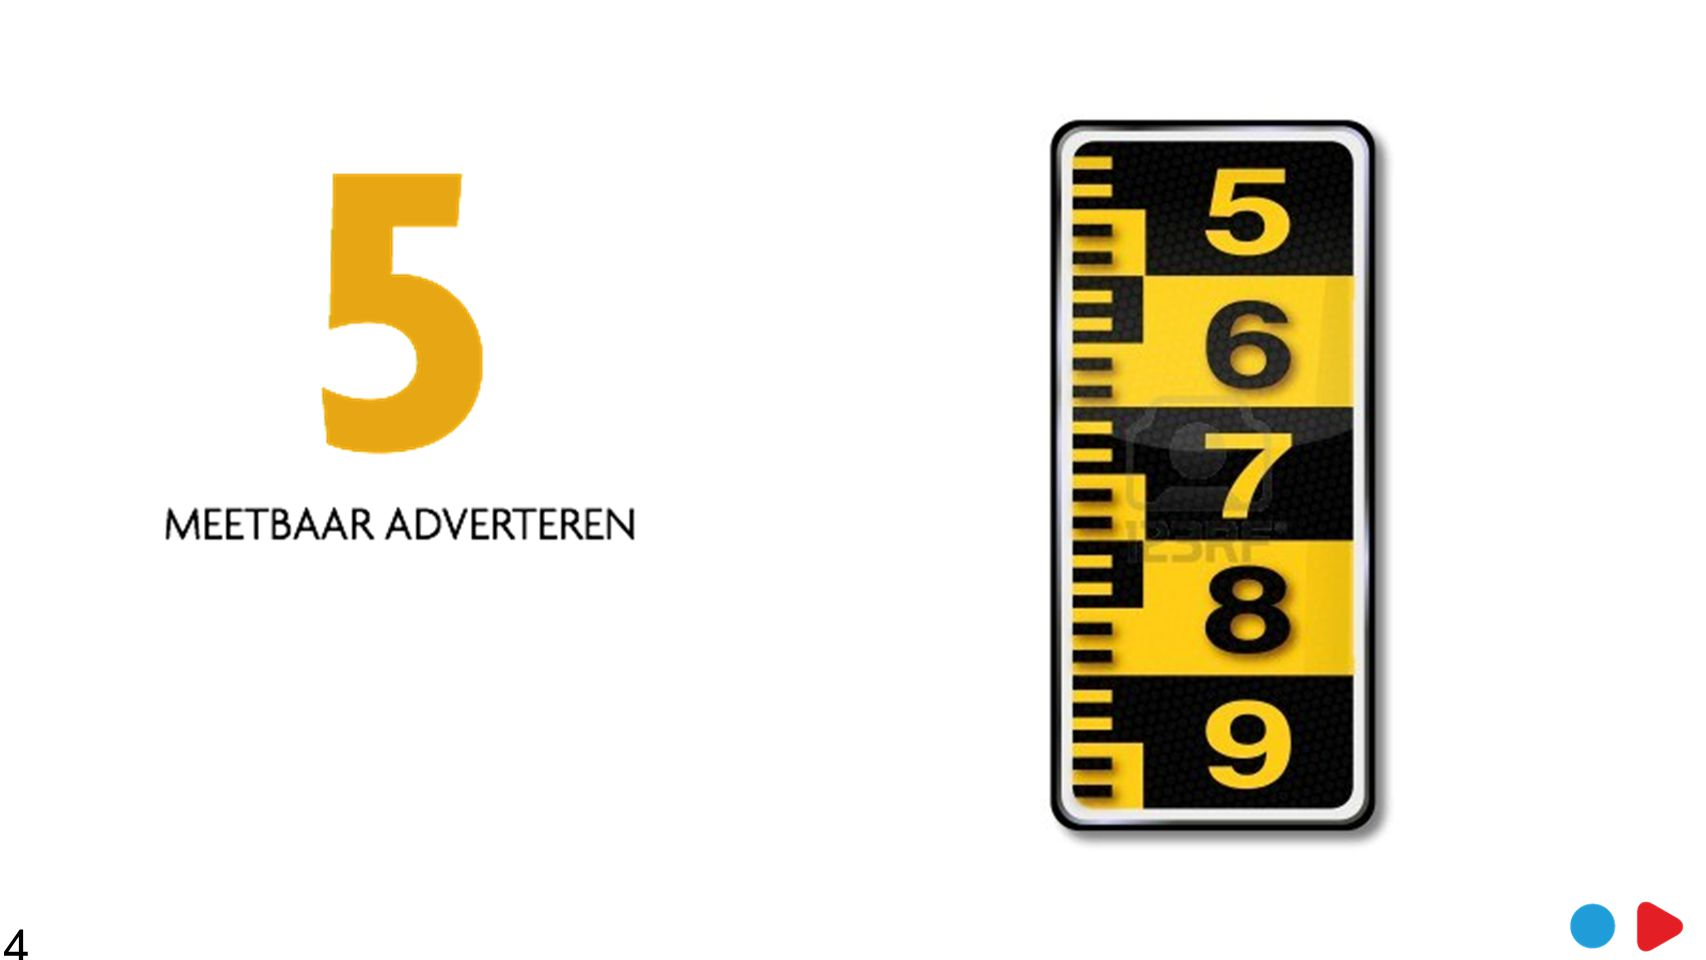 Online adverteren biedt veel mogelijkheden: